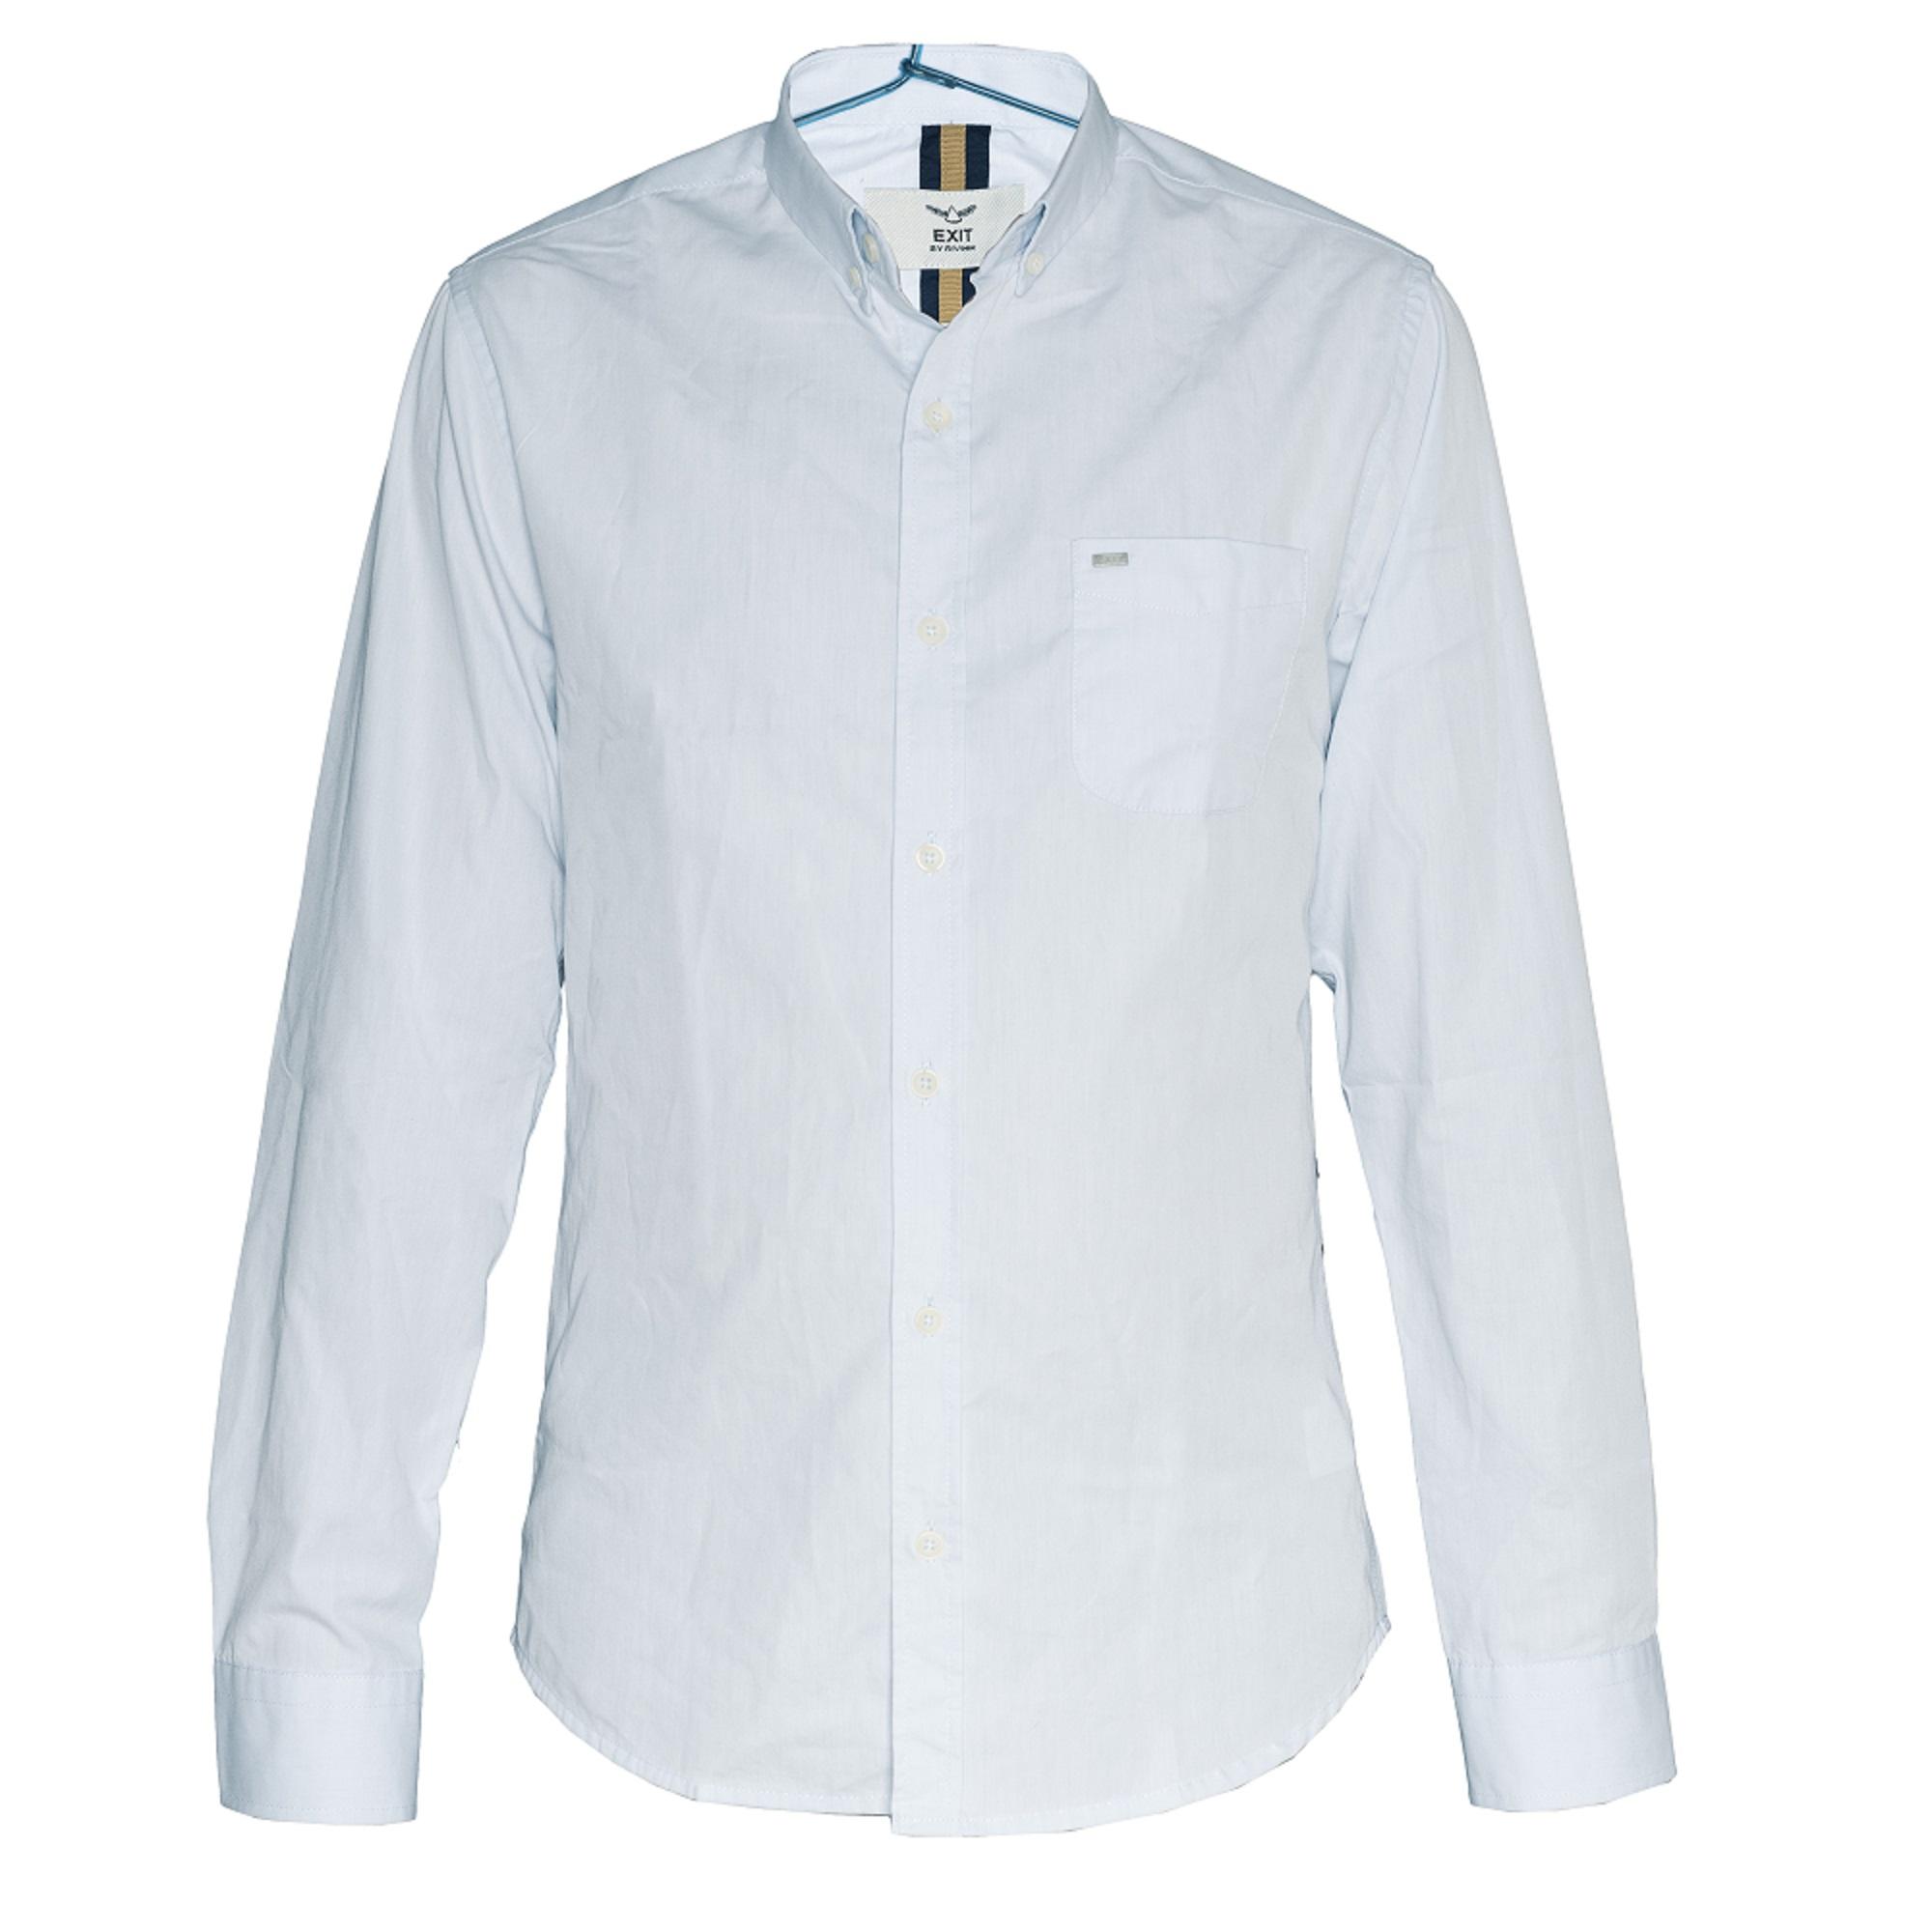 پیراهن مردانه اگزیت مدل LS-467-035